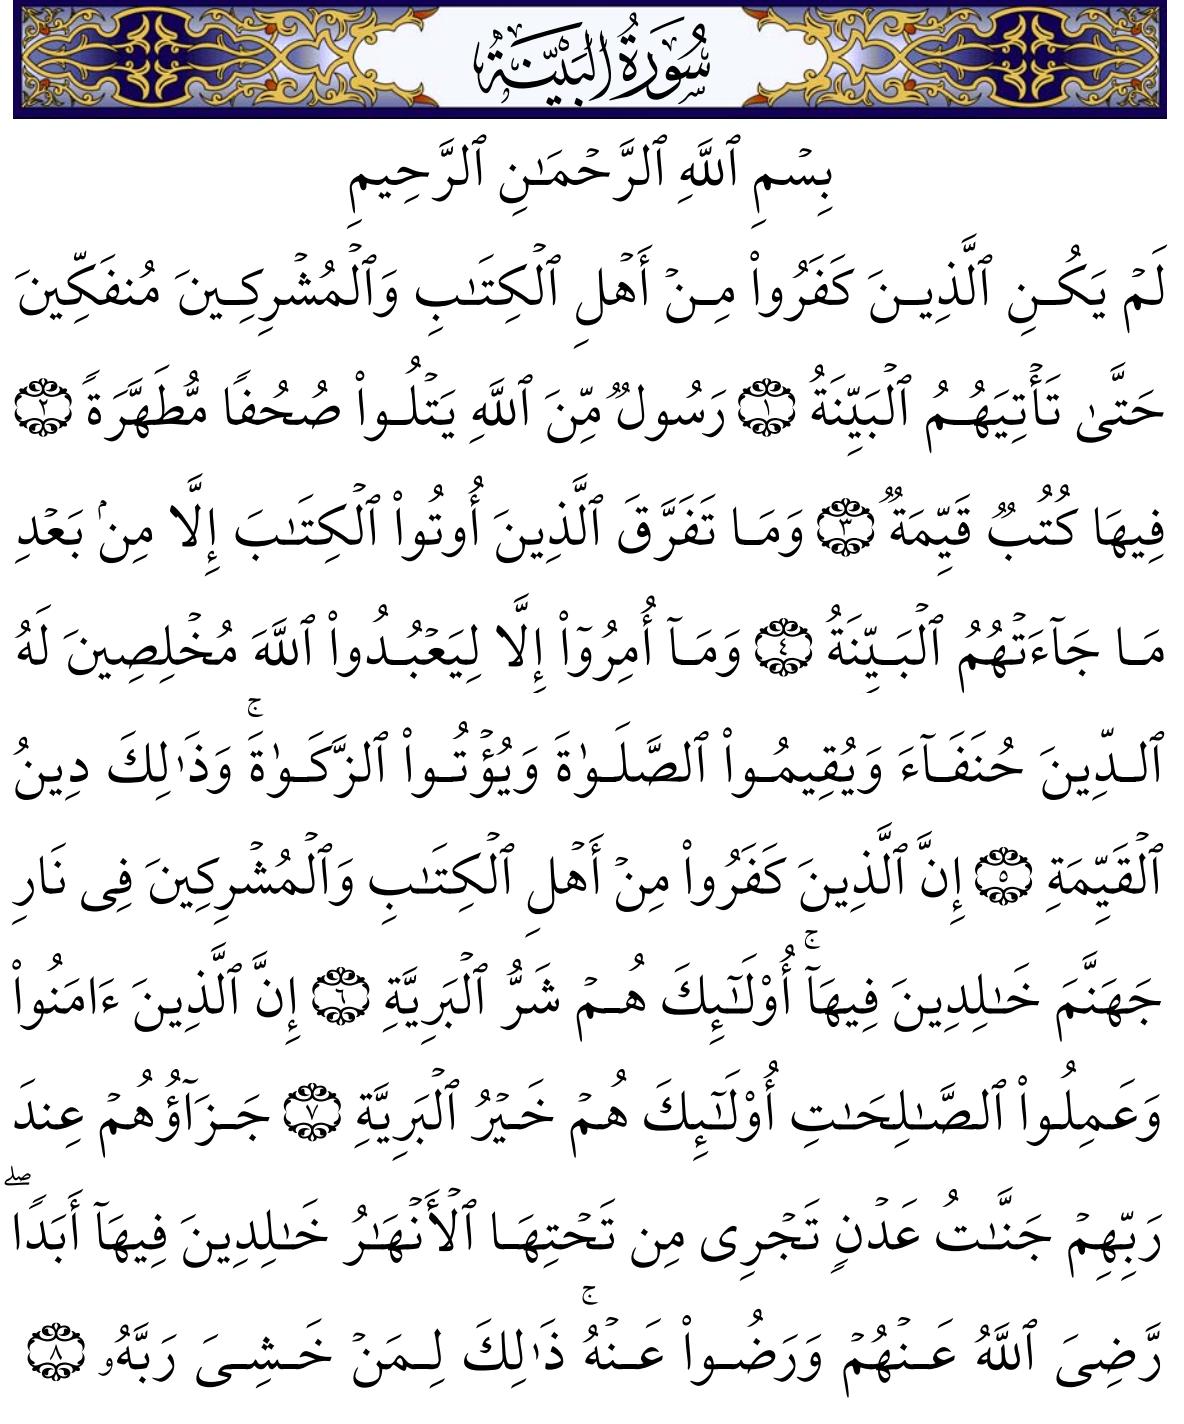 جميع الصور لسور القرآن الكريم القصيرة مكتوبة الشبكة الأوروعربية